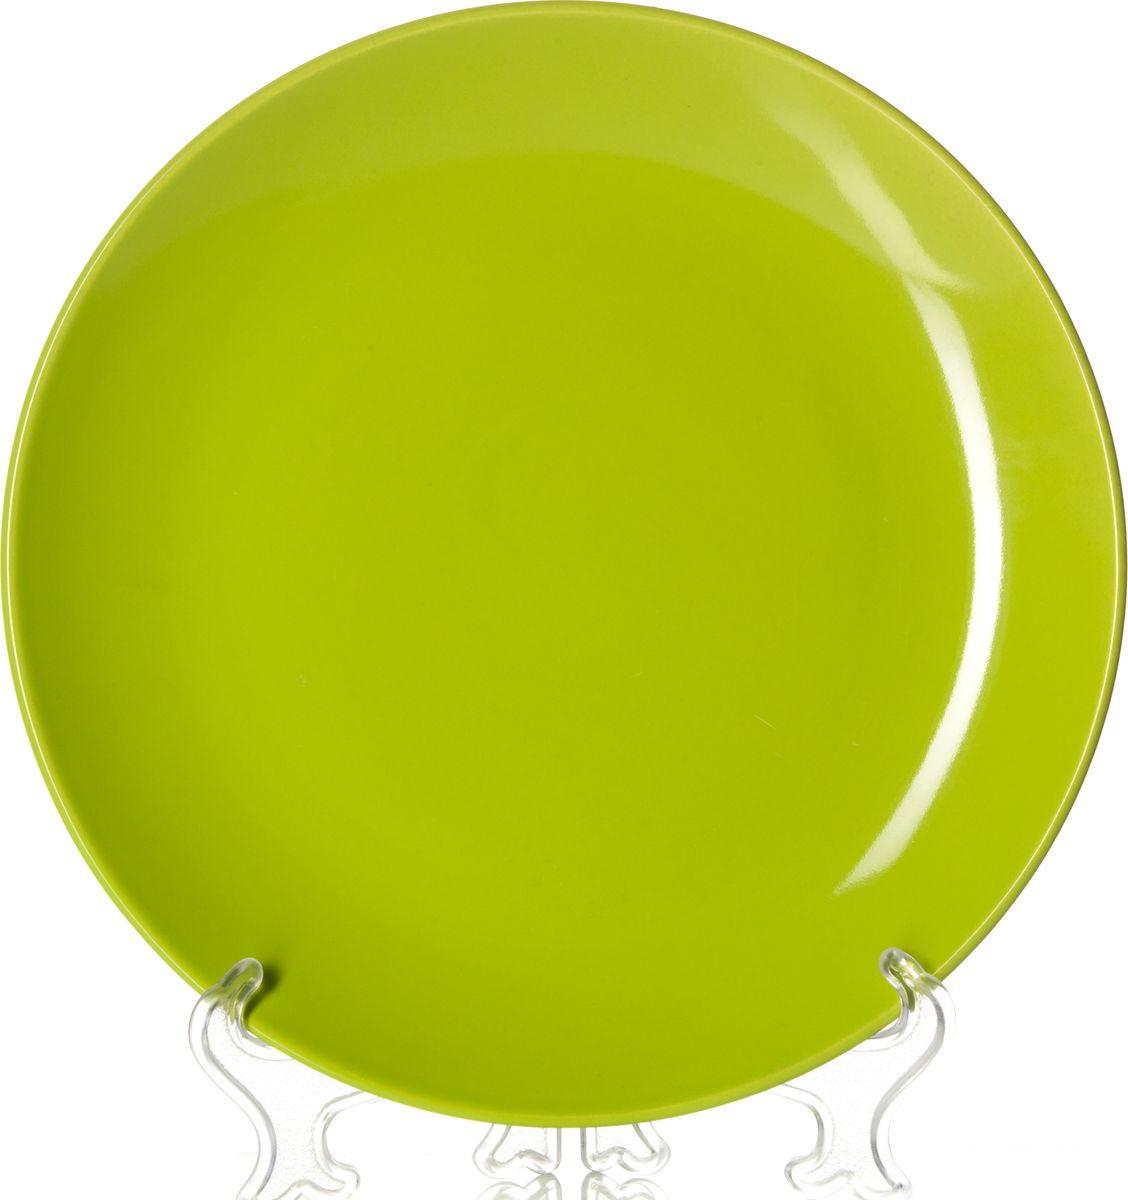 Тарелка Gotoff, 8221D, зеленый, диаметр 25,5 см тарелка глубокая gotoff цвет фисташковый диаметр 18 5 см